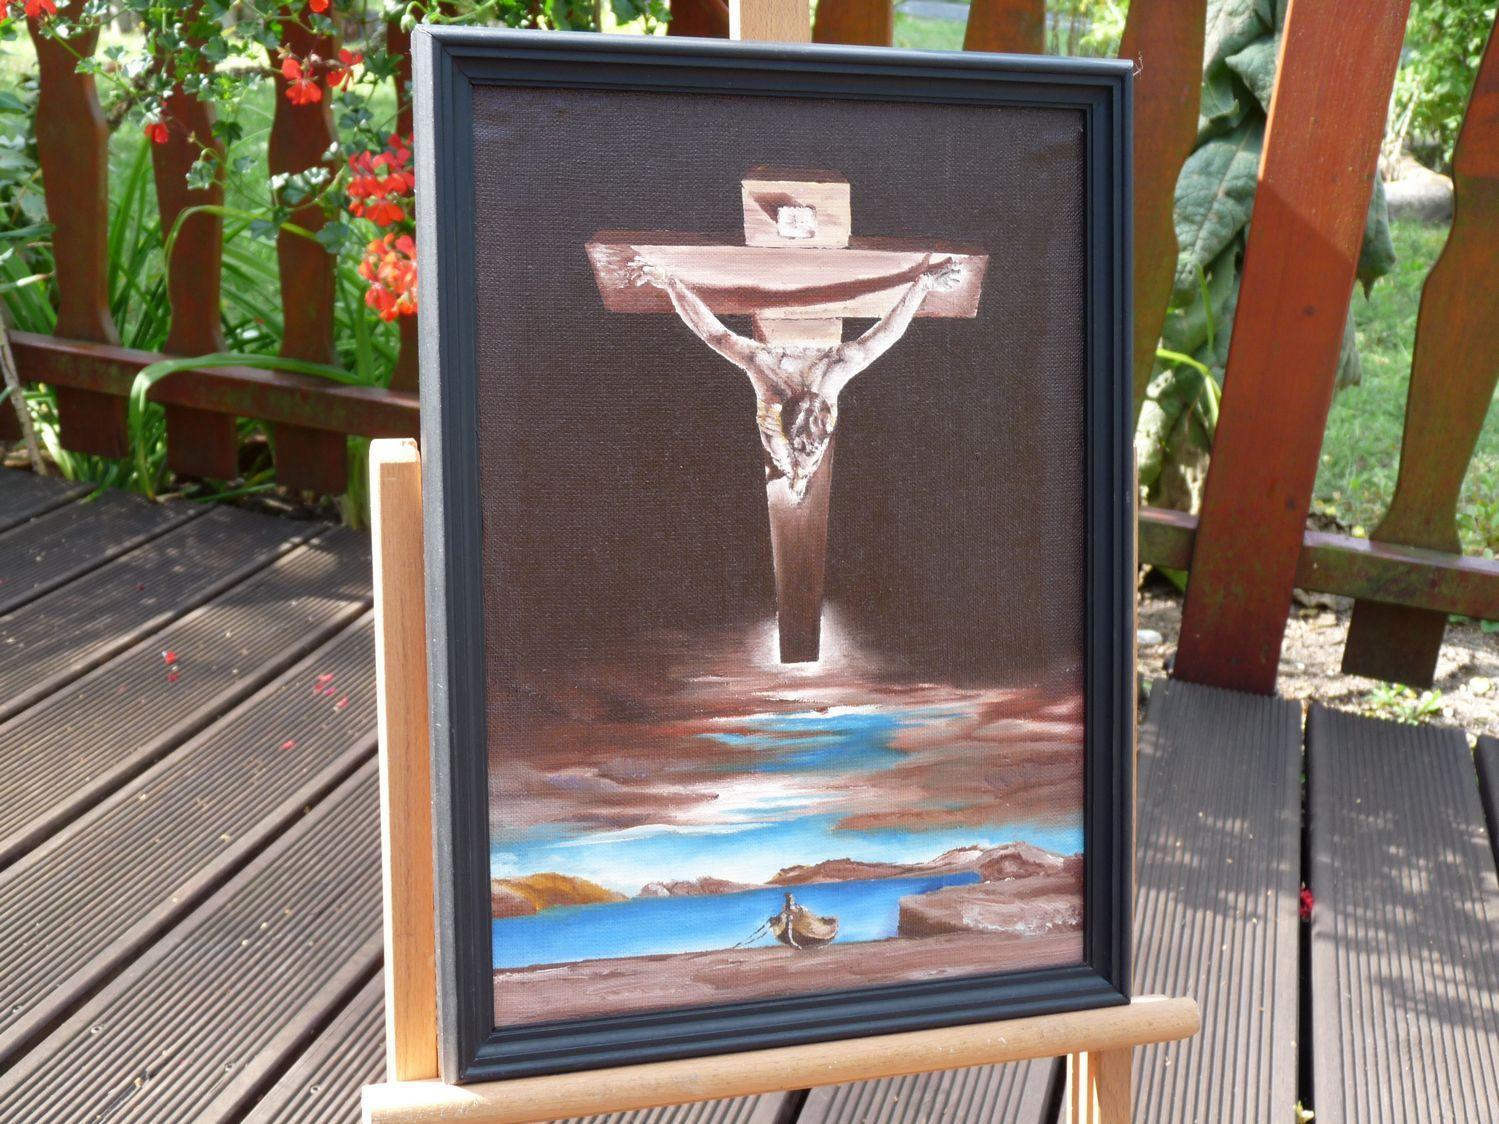 Chrystus Świętego Jana od Krzyża - Salvador Dali - Kopia Obrazu.jpg